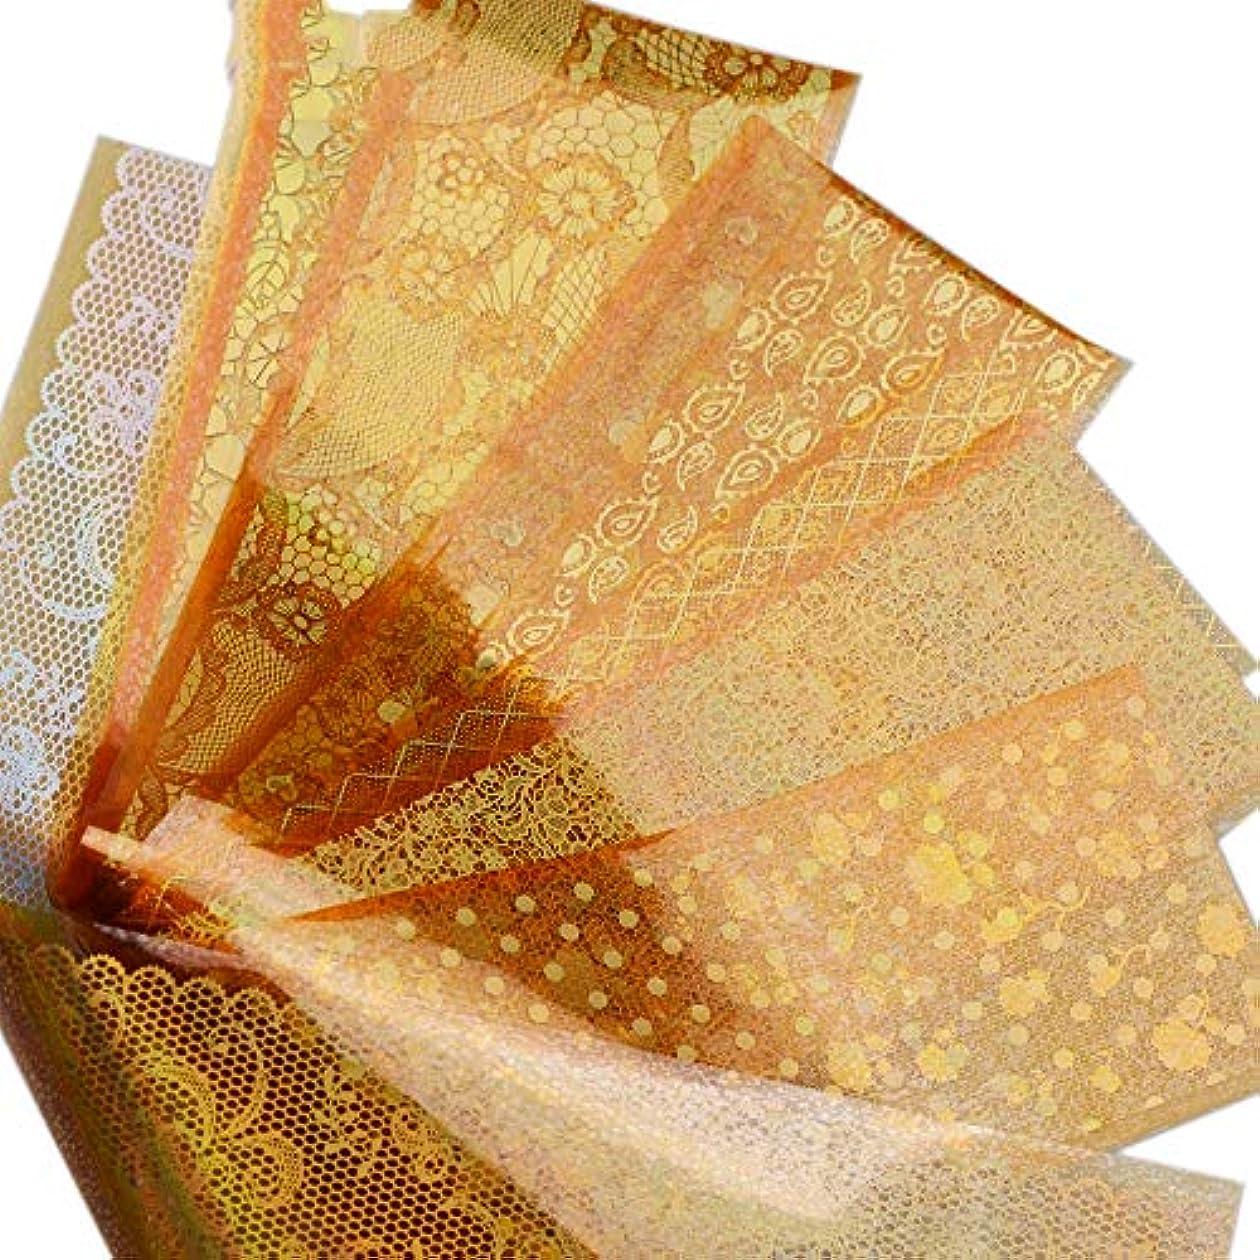 リスキーなコントラスト雄弁な16のデザイン/マニキュアツールマジックレーザーネイルアート転送星空ステッカーデカールに設定されたゴージャスなゴールドカラーネイル箔のヒントインテリア